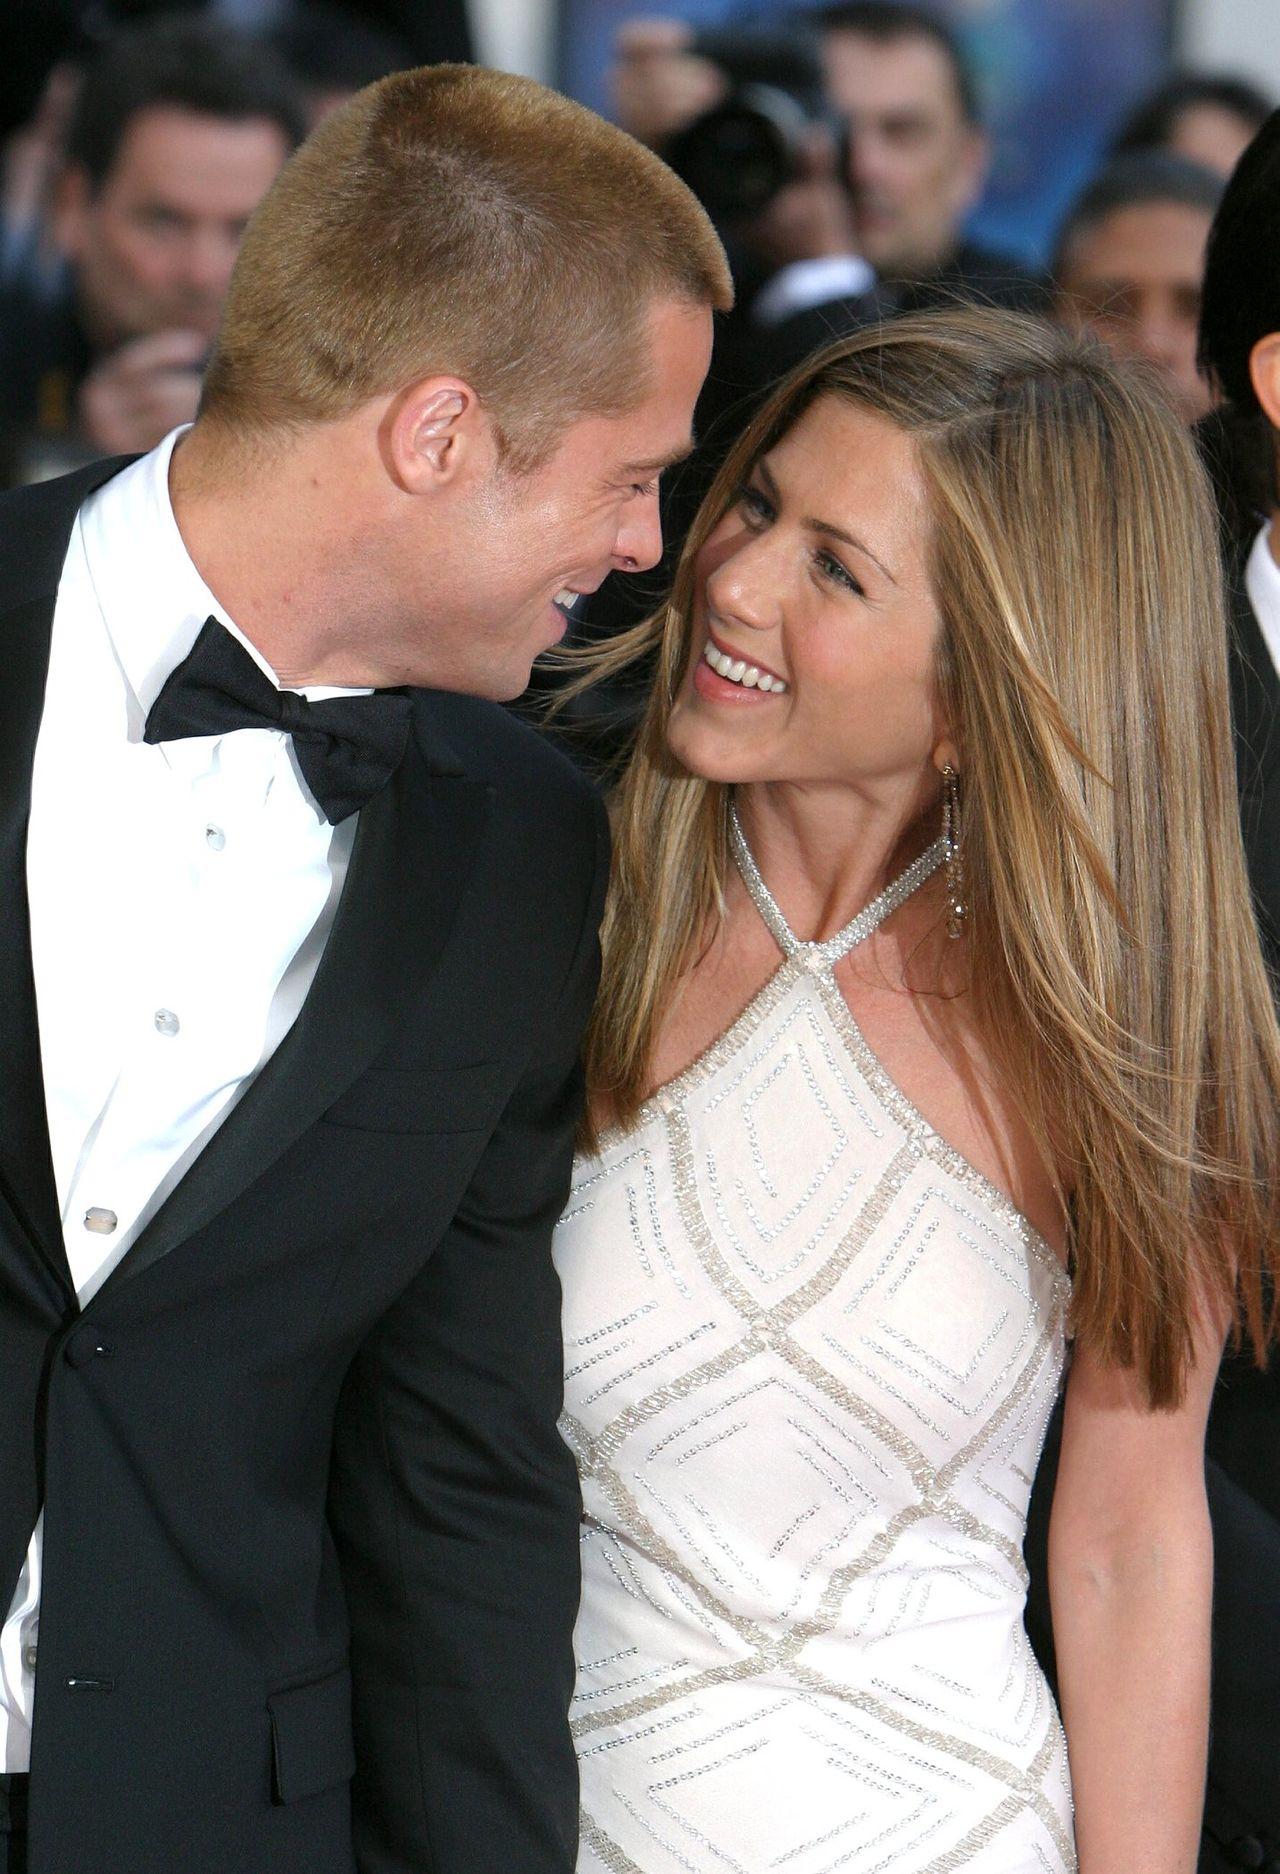 Oto, co zaszło między Bradem i Jennifer - to dlatego był na jej 50. urodzinach